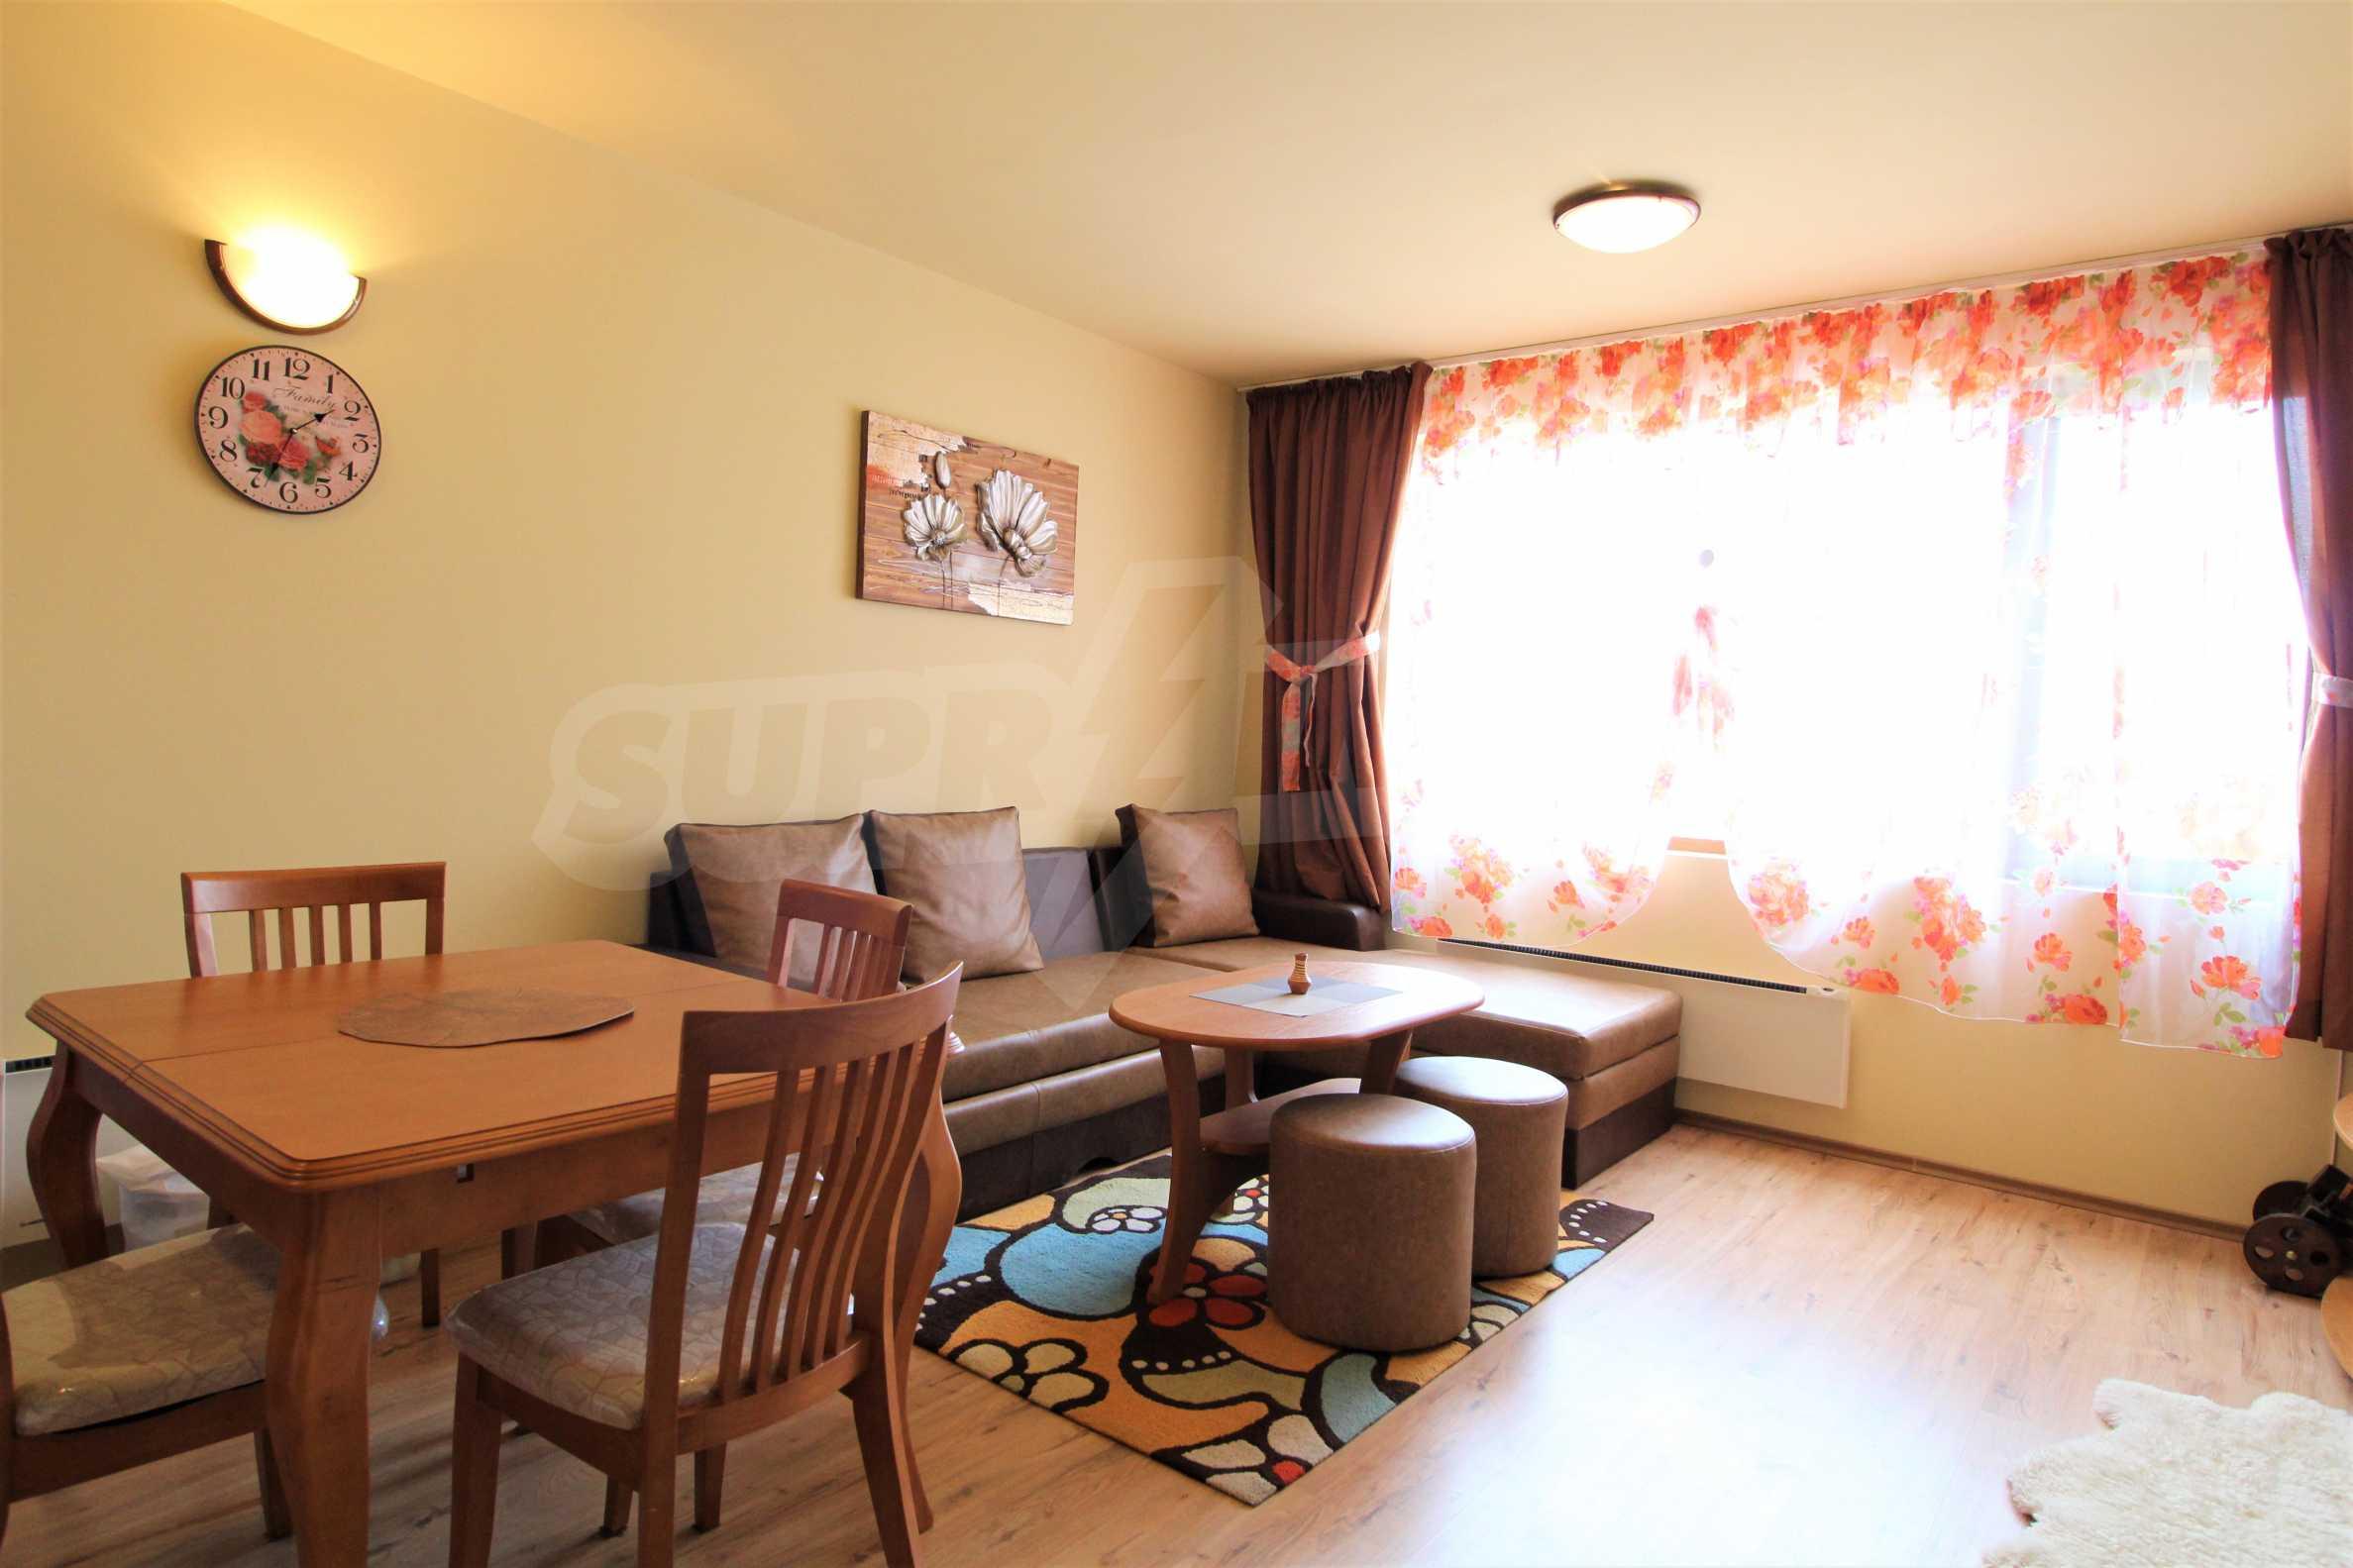 Нов едностаен апартамент в ски курорта Банско